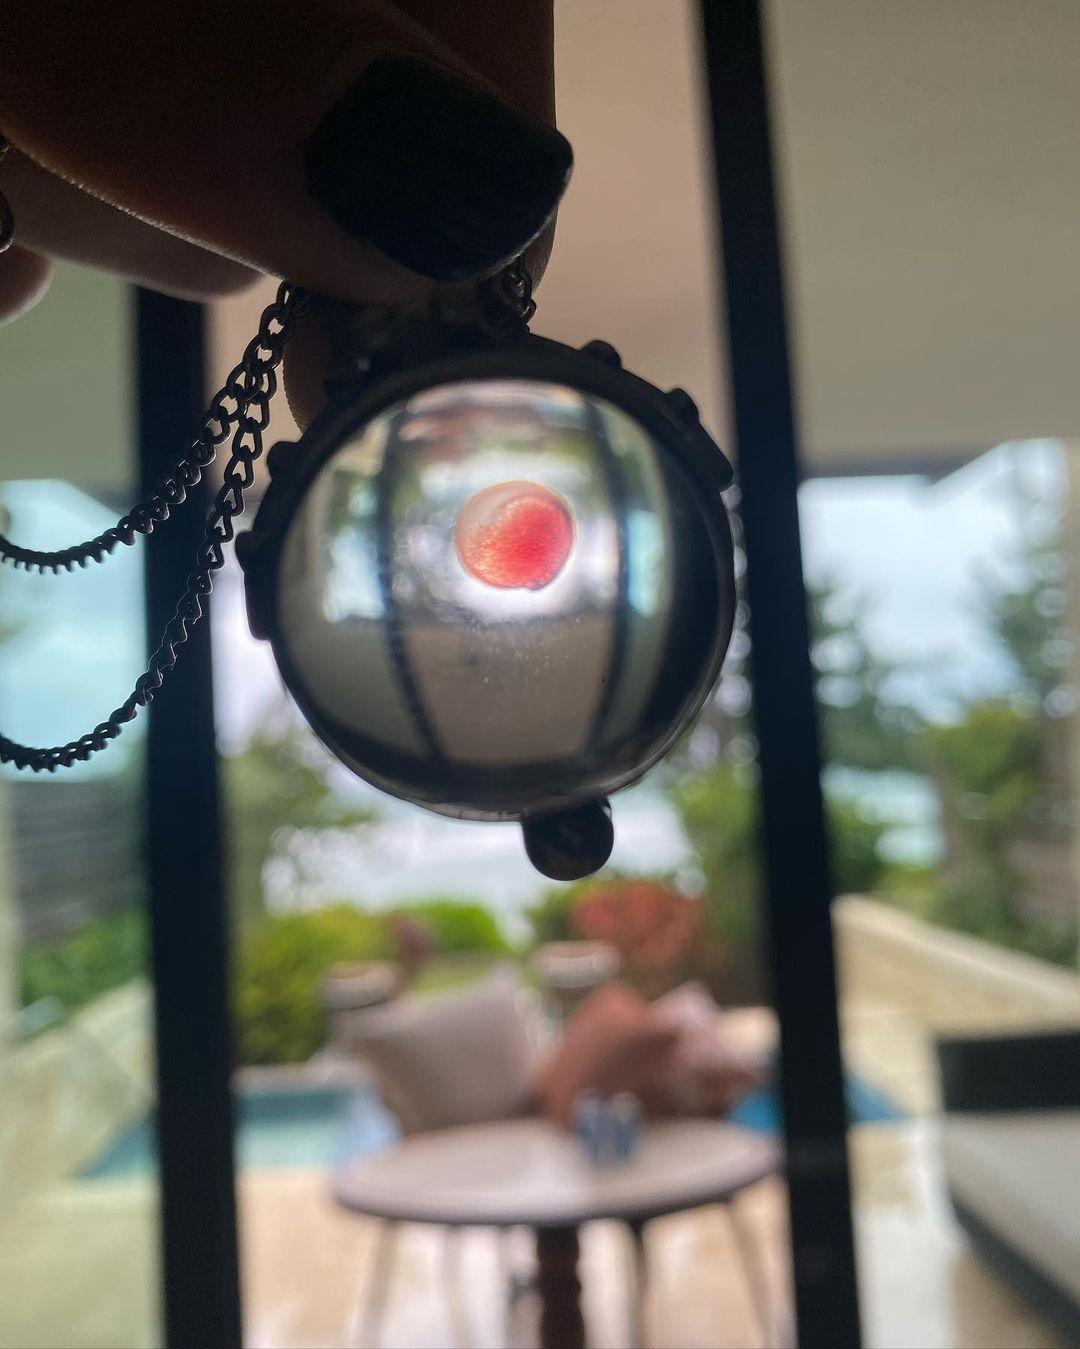 Колсон Бэйкер носит на шее медальон с кровью Меган Фокс